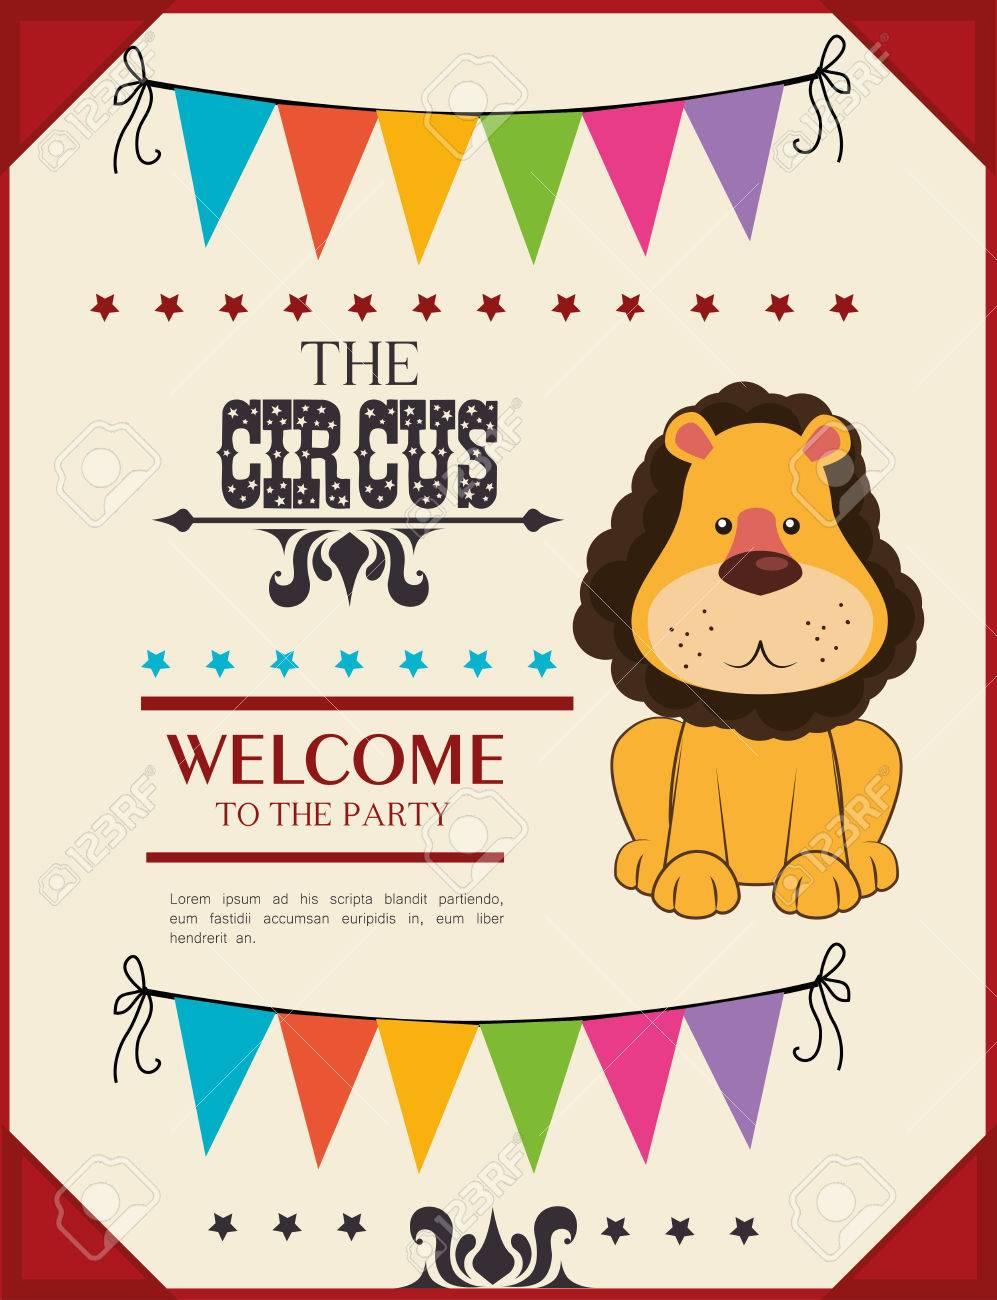 Circus card design, vector illustration Stock Vector - 27133518